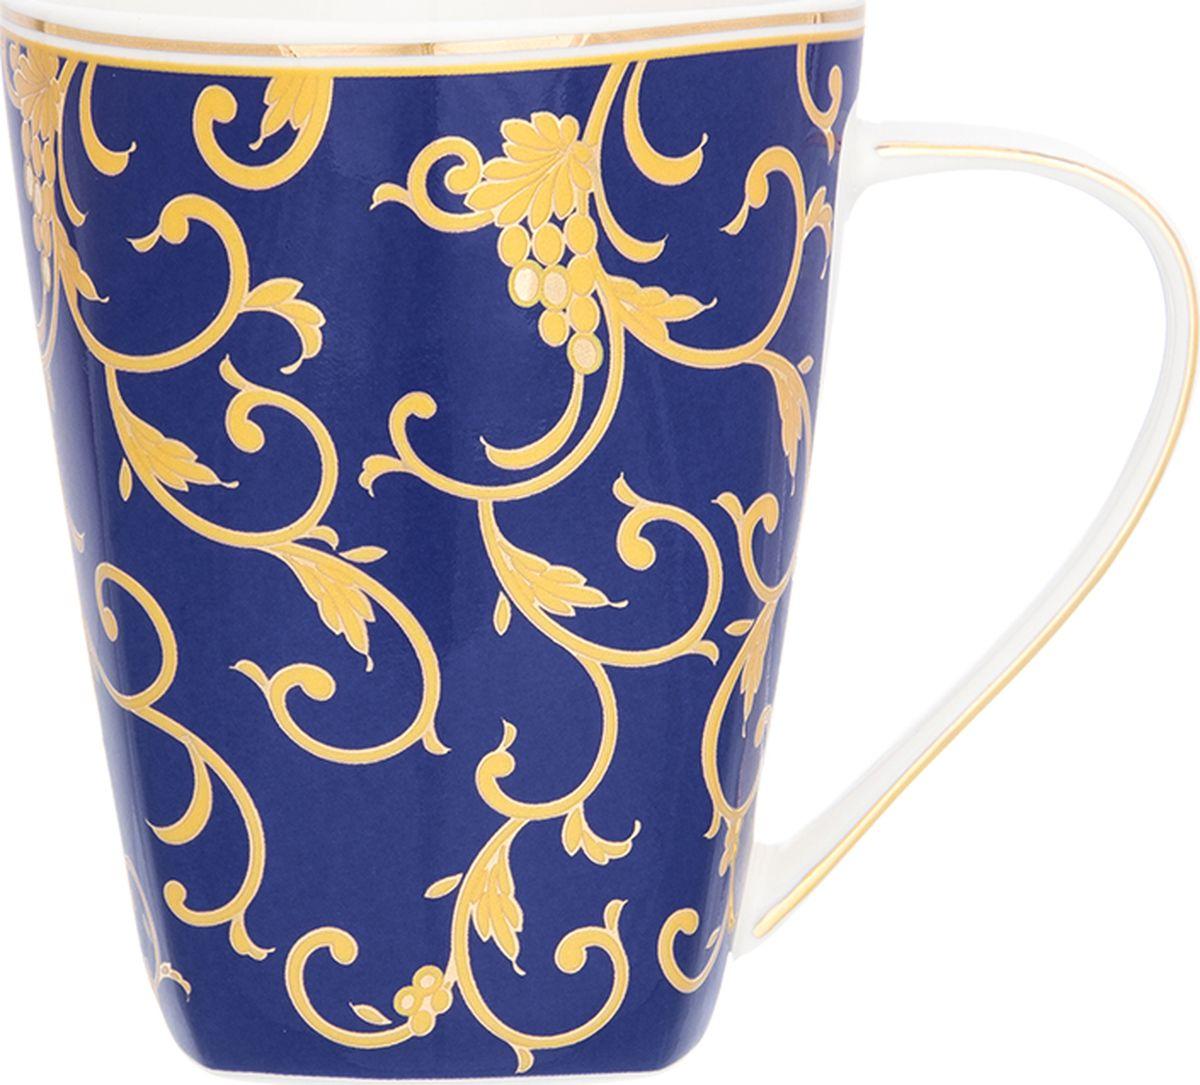 Кружка Elan Gallery Королевский узор на синем, высокая, 420 мл. 504134504134Кружка объемом 420 мл в подарочной упаковке станет прекрасным подарком и послужит верой и правдой в повседневной жизни. Подходят для любых горячих и холодных напитков, чая, кофе, какао.